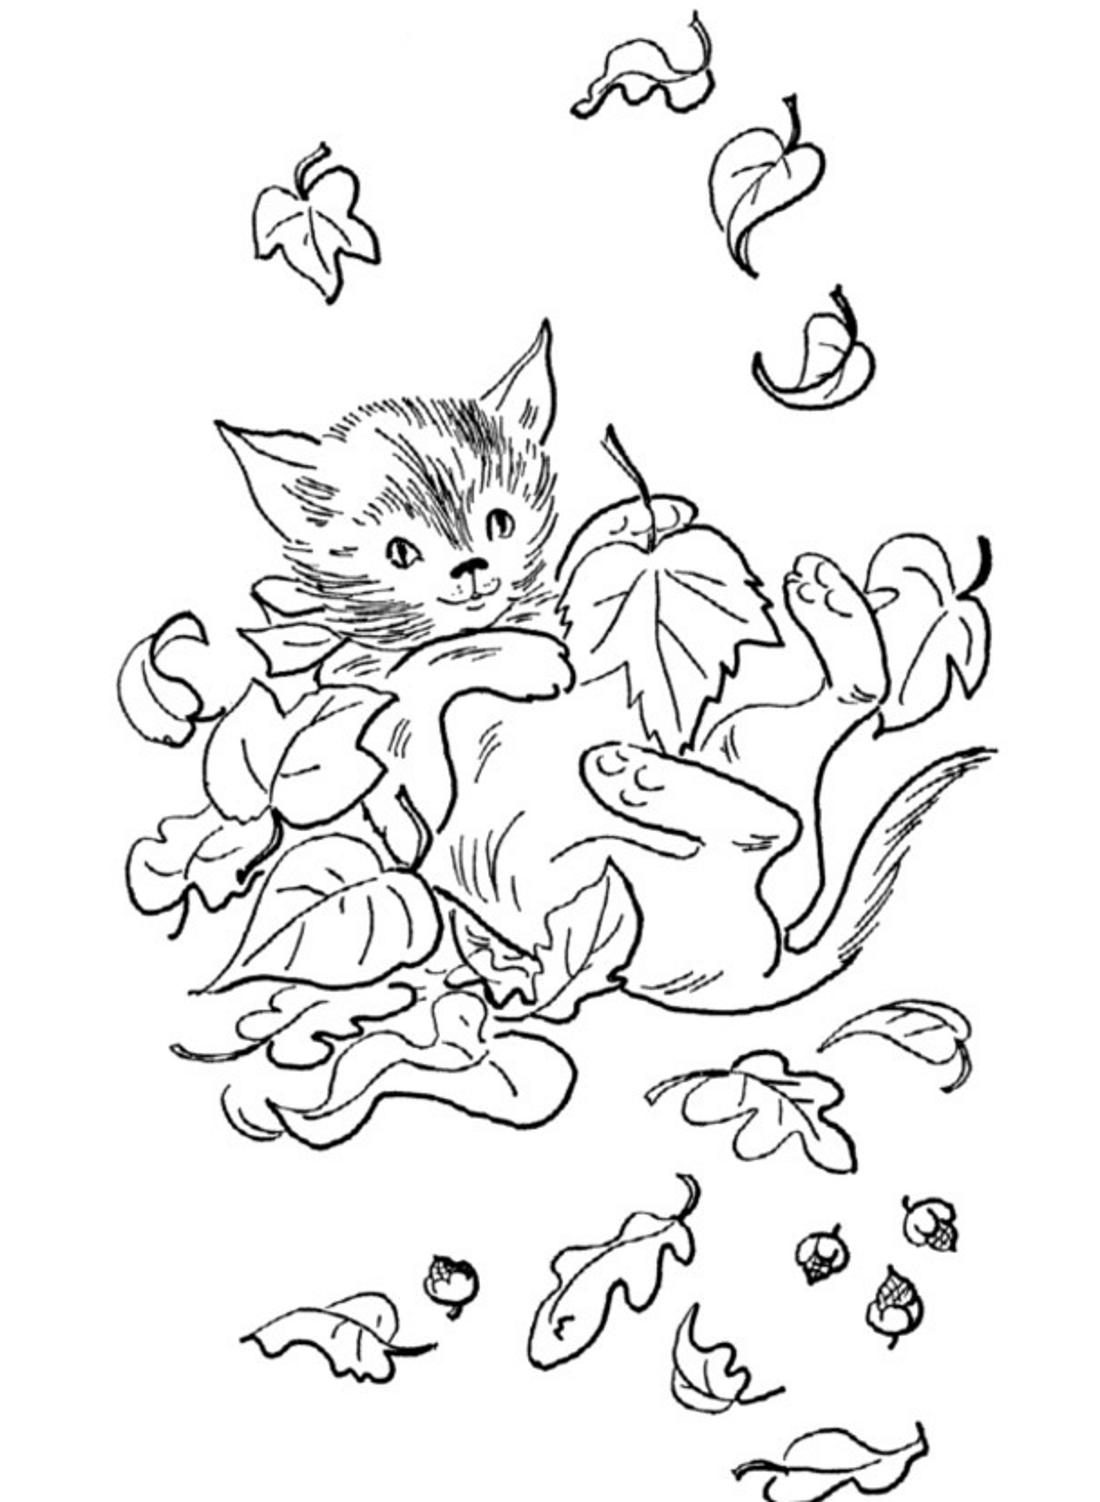 Котенок в осенних листочках - раскраска №10446 | Printonic.ru